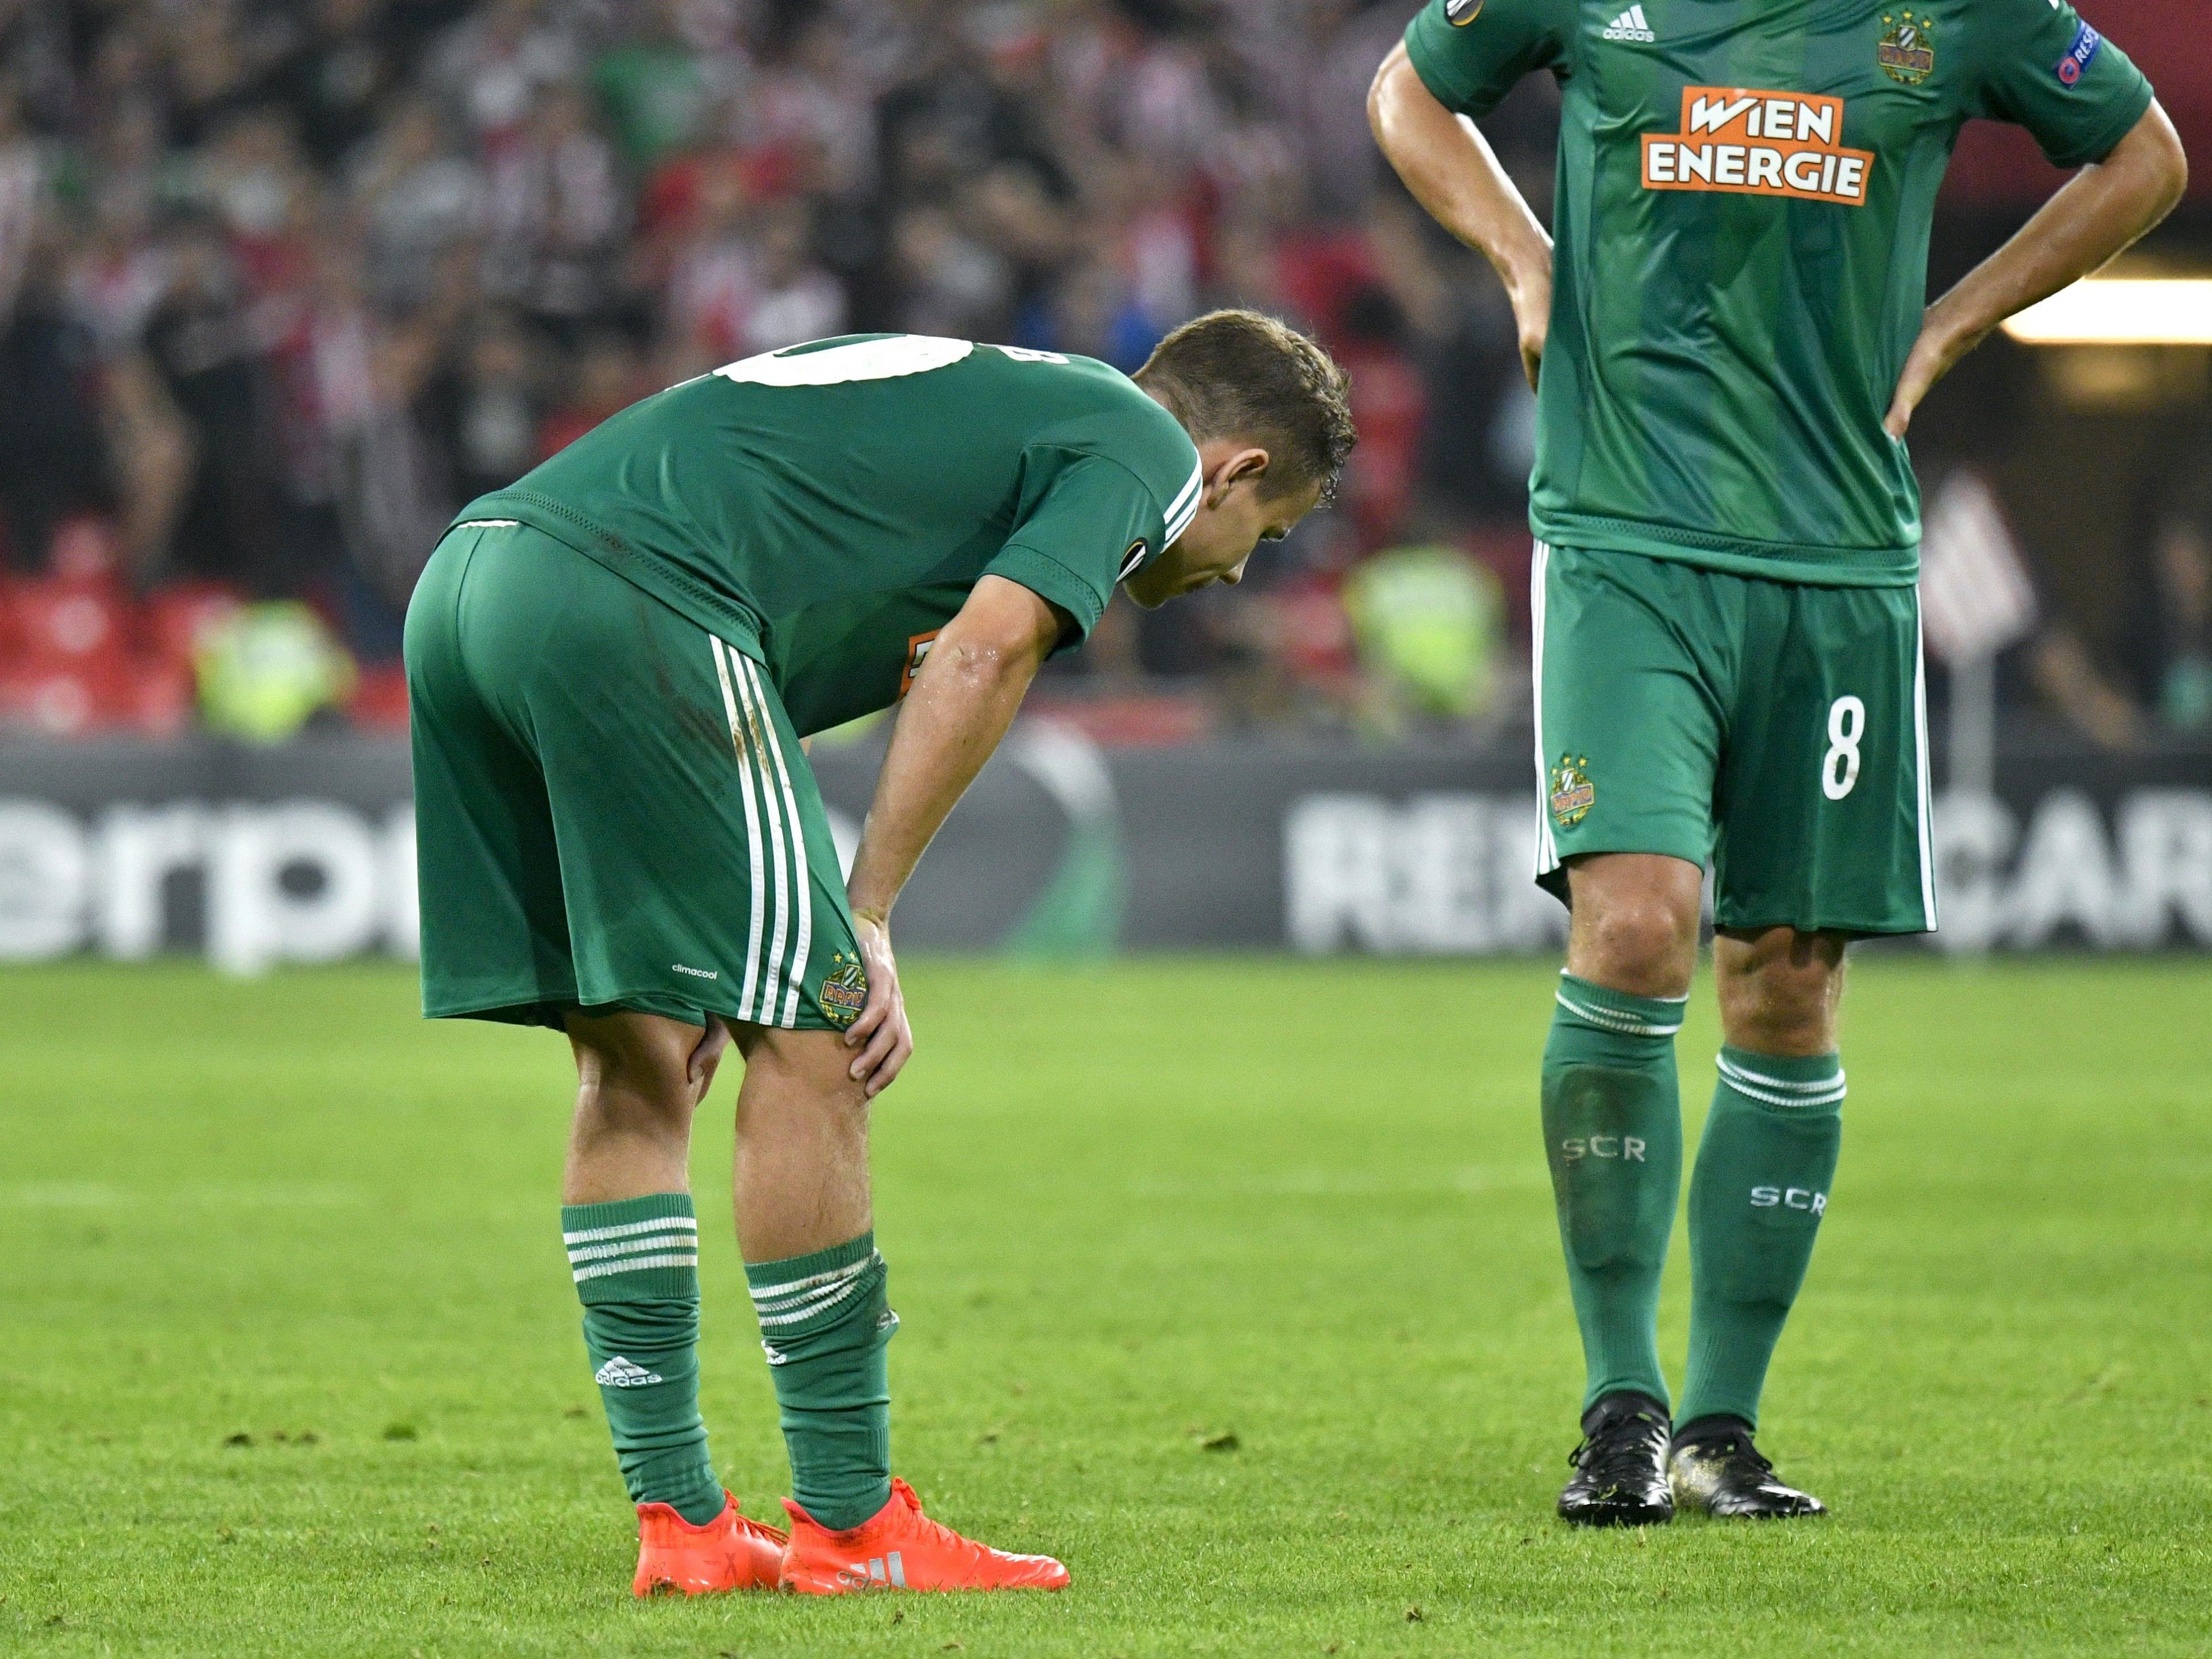 Rapid spielte gegen Salzburg gut, ging aber trotzdem als Verlierer vom Platz